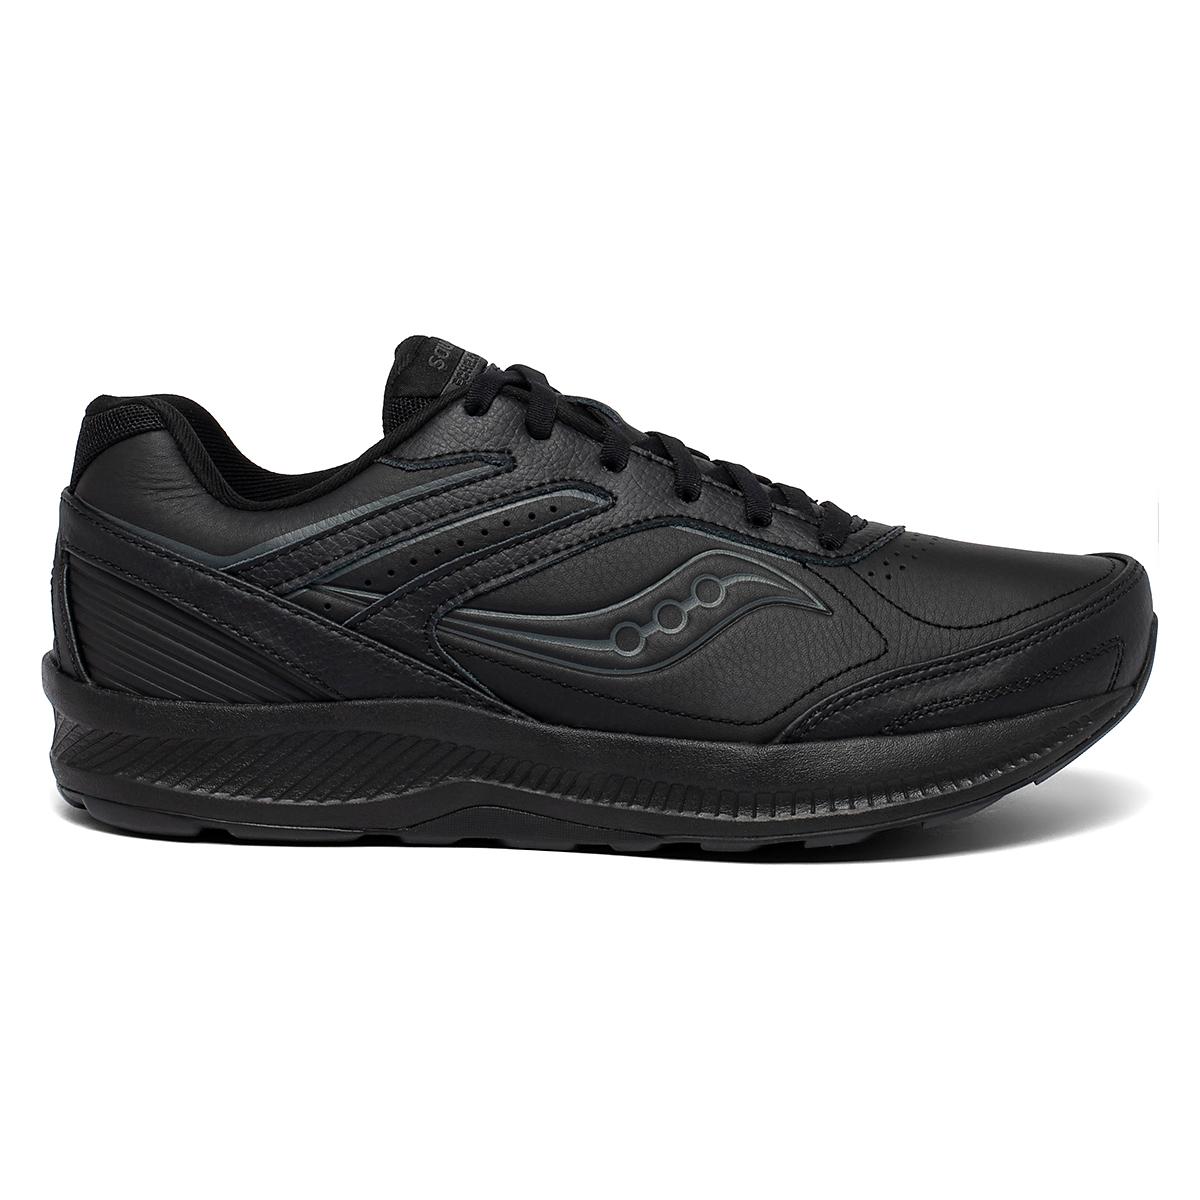 Men's Saucony Echelon Walker 3 Walking Shoe - Color: Black - Size: 7 - Width: Regular, Black, large, image 1